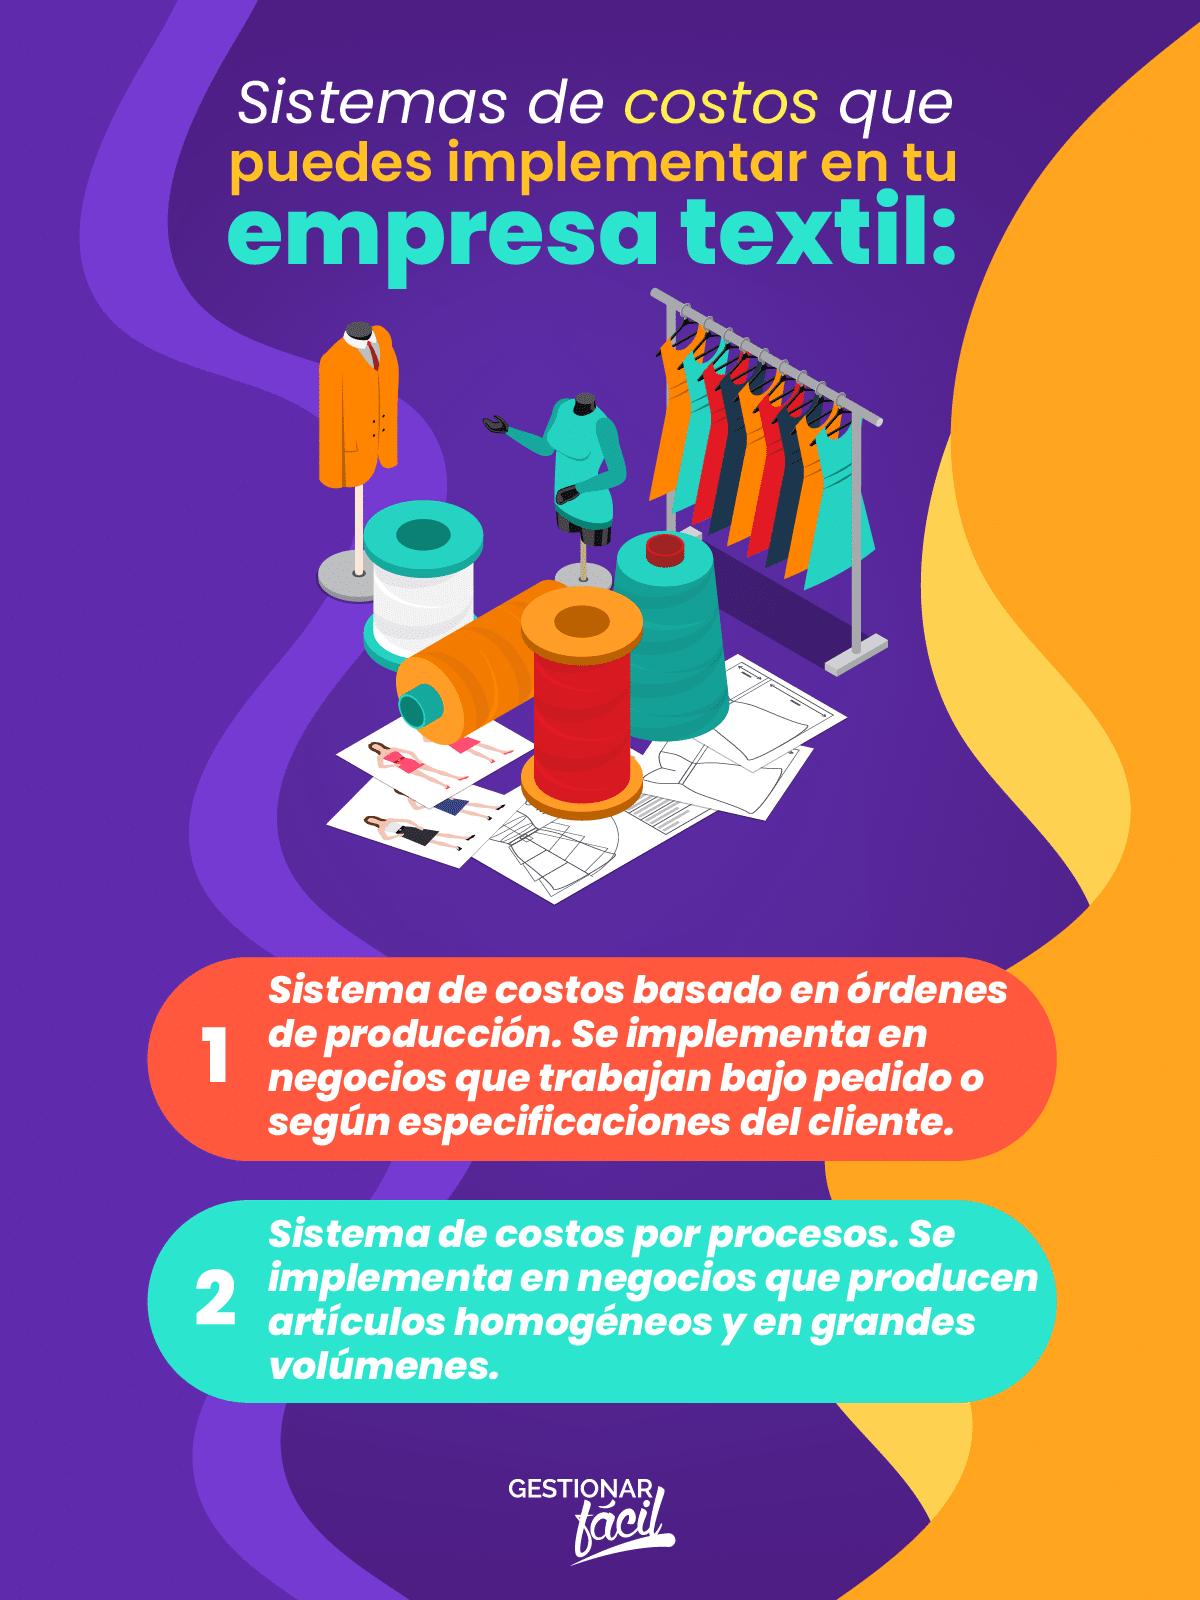 Sistemas de costos que se pueden implementar en las empresas del área textil.